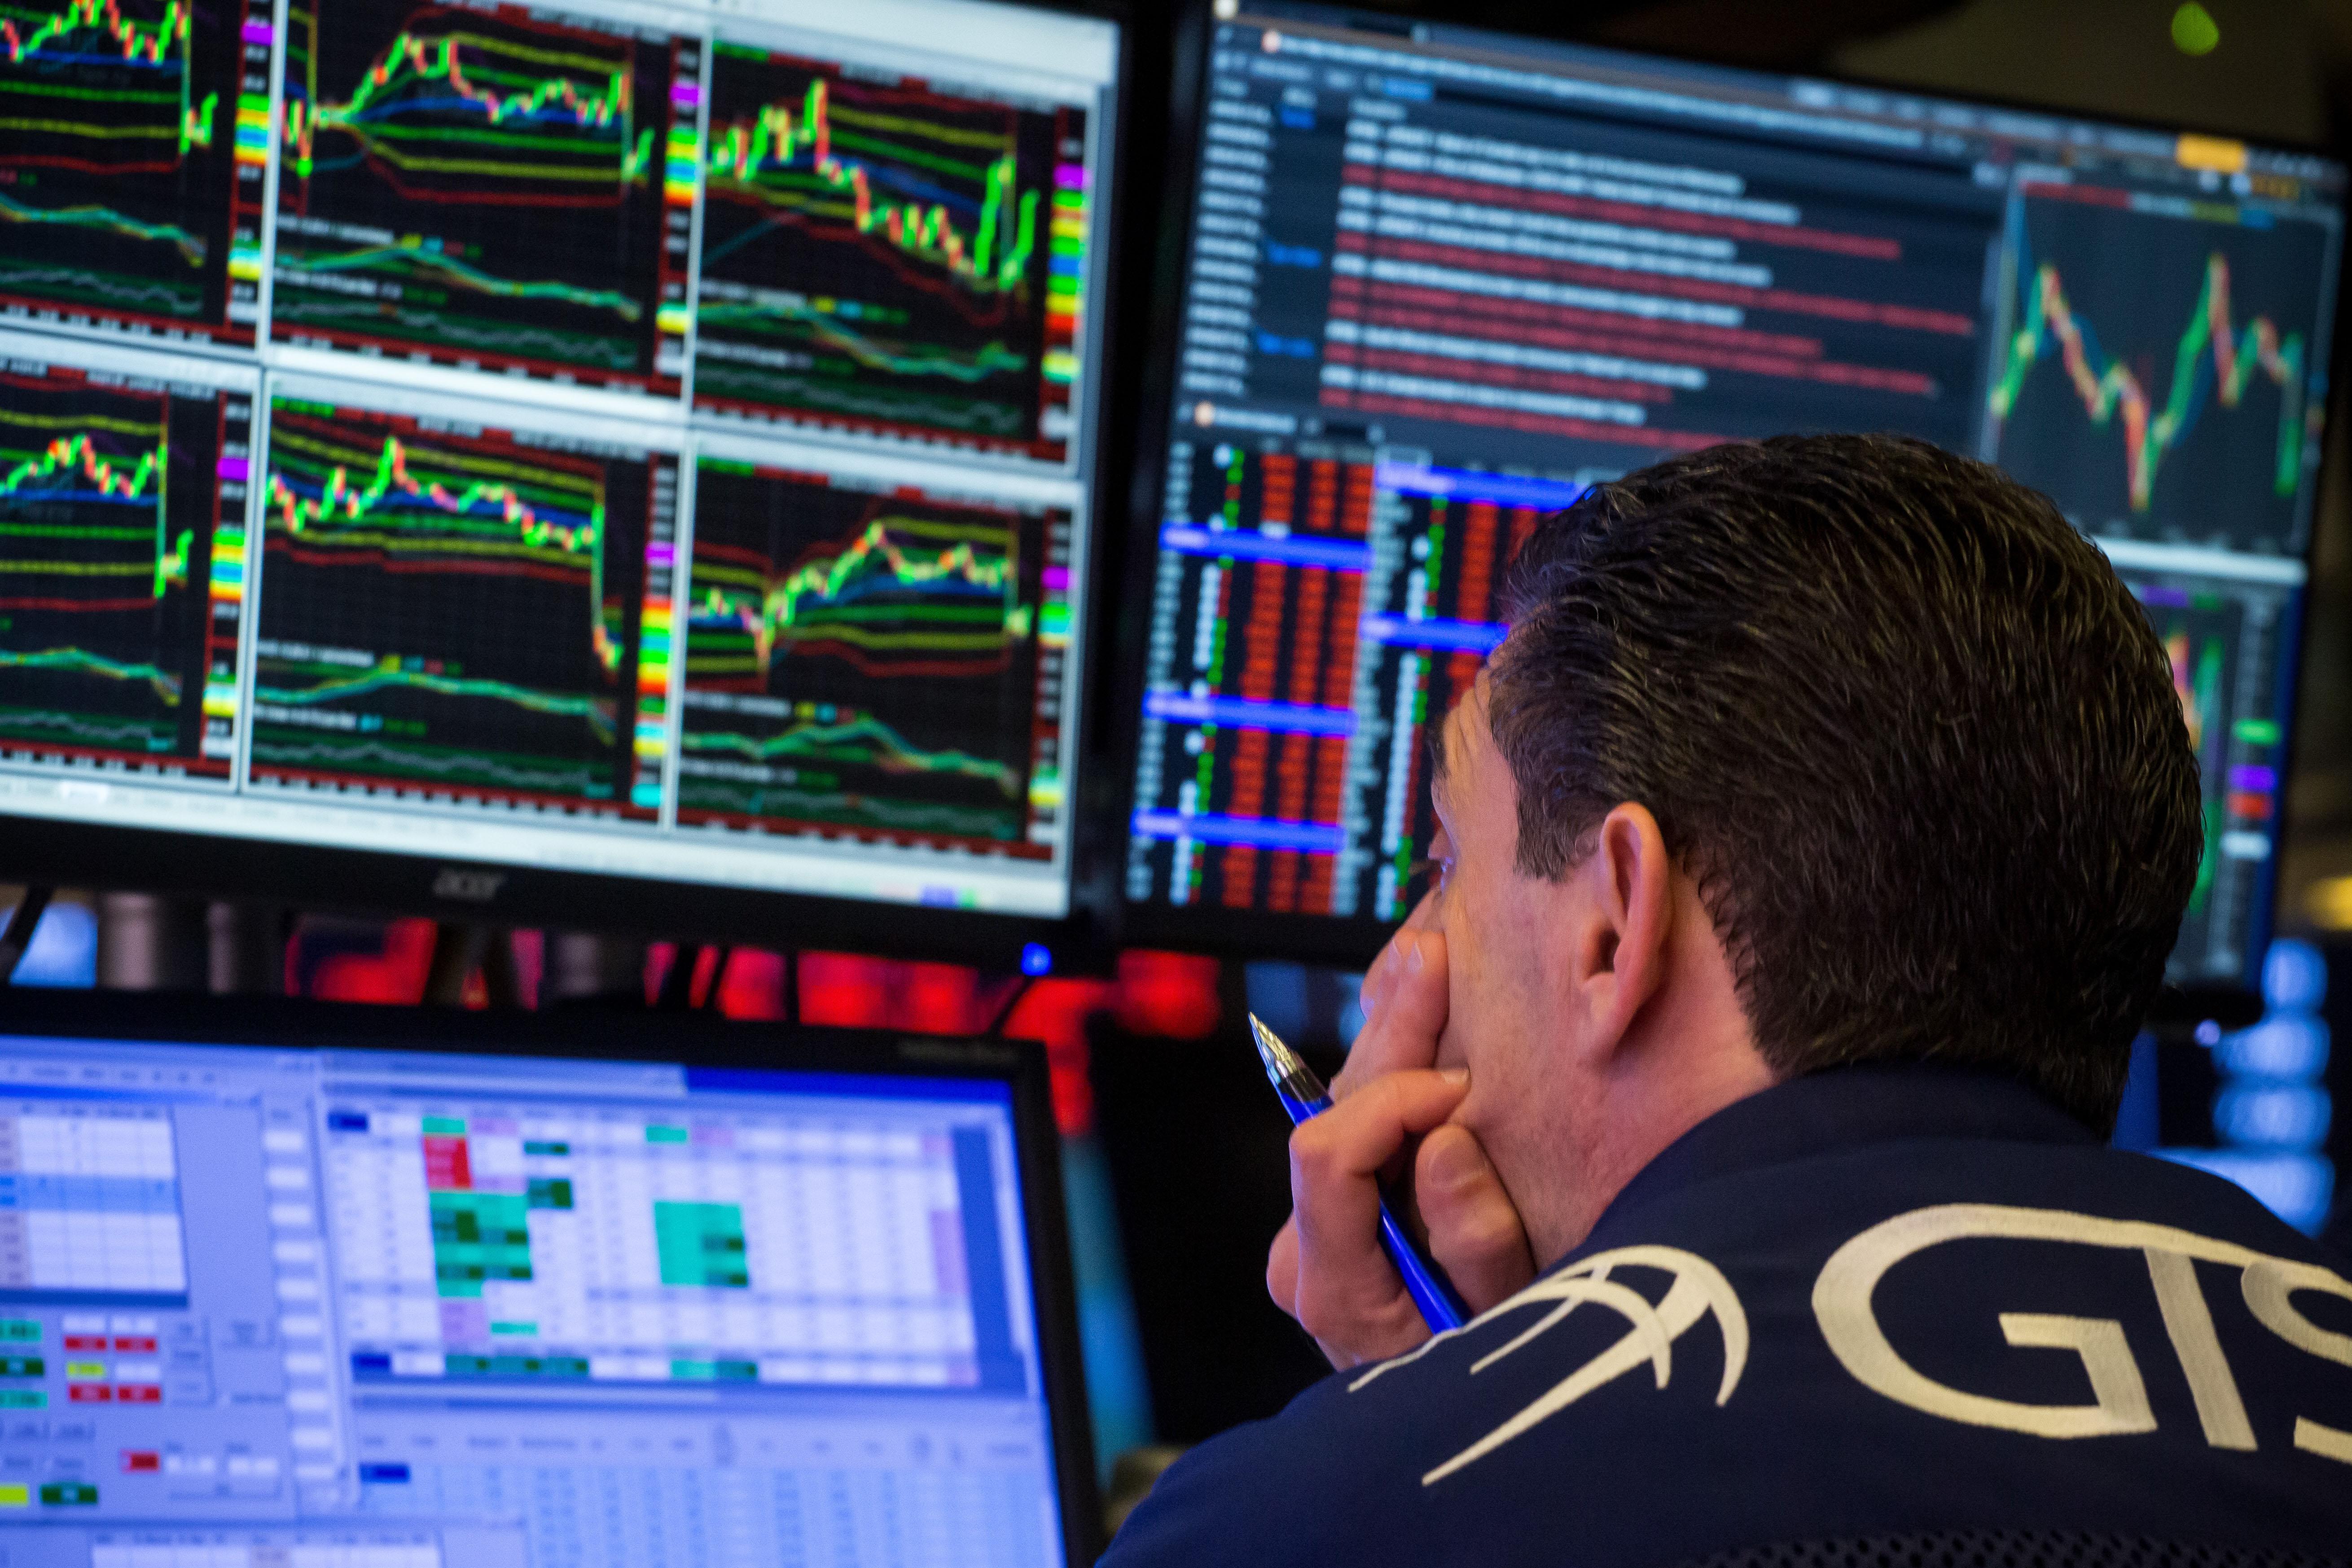 Trader looking at screens